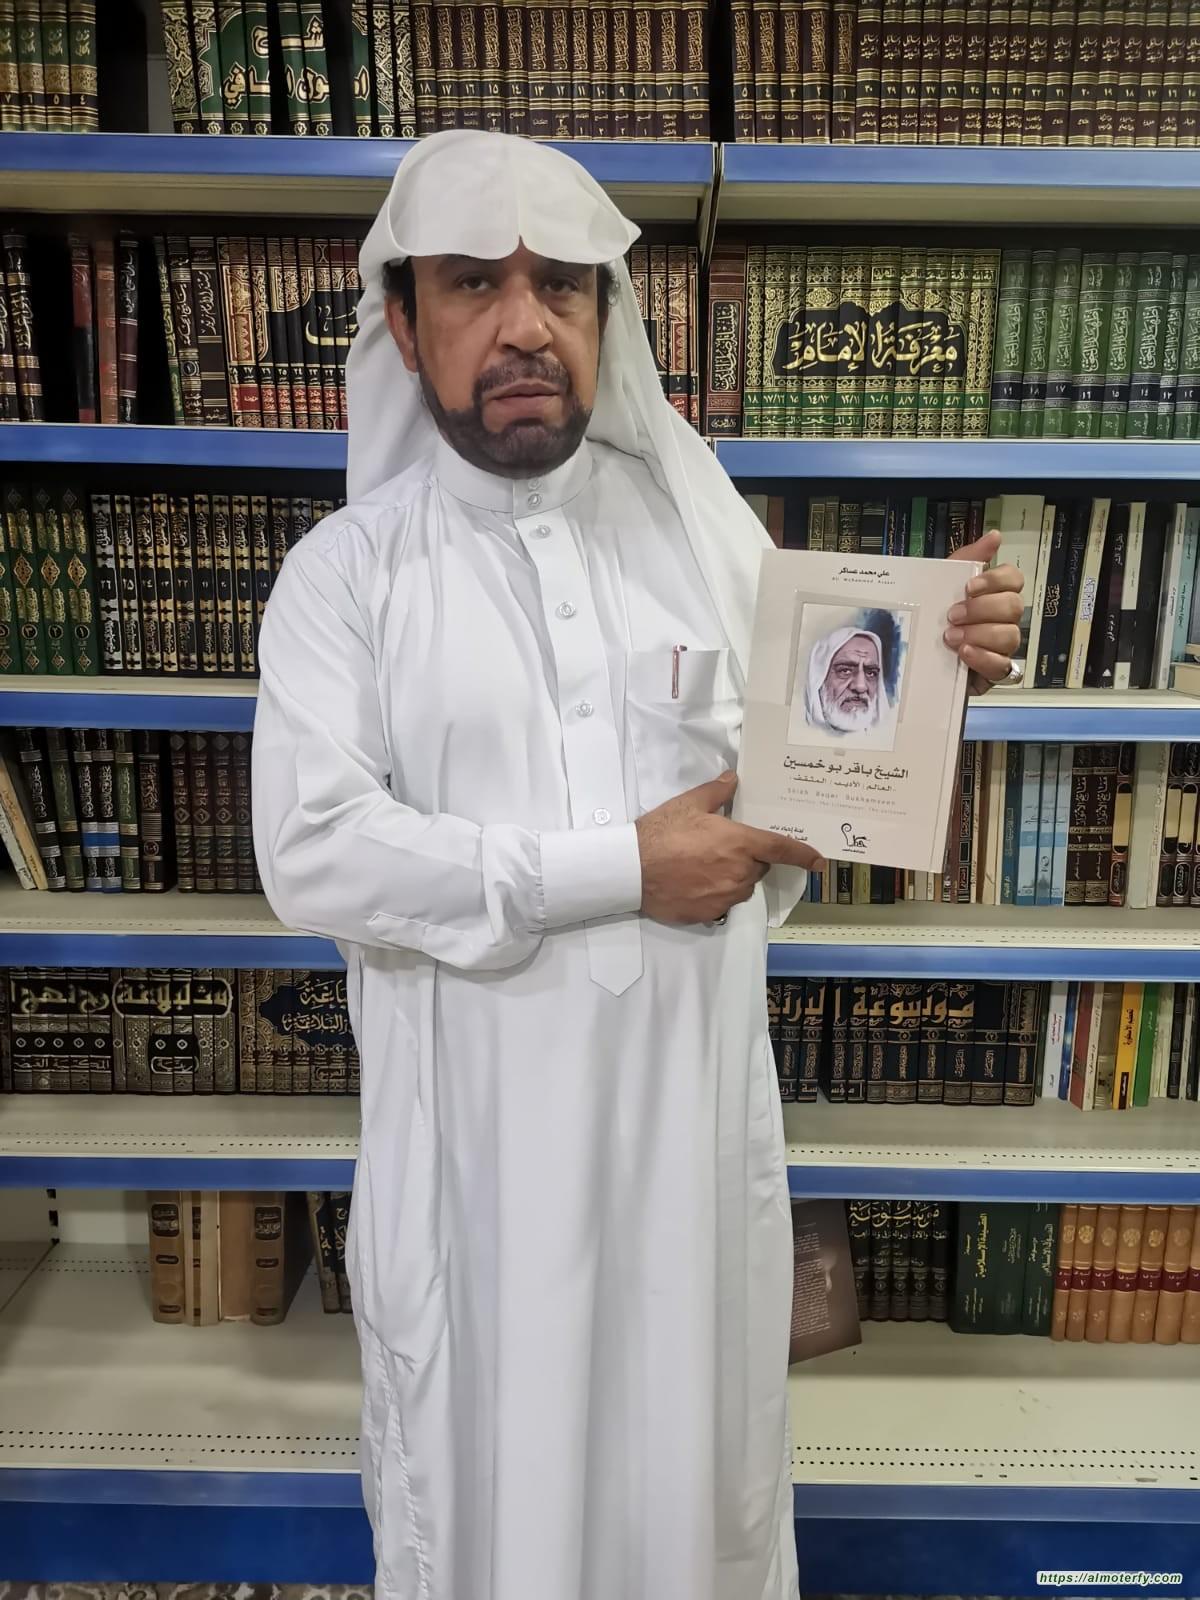 (الشيخ باقر بو خمسين: العالم الأديب المثقف) إصدار جديد للكاتب عساكر.